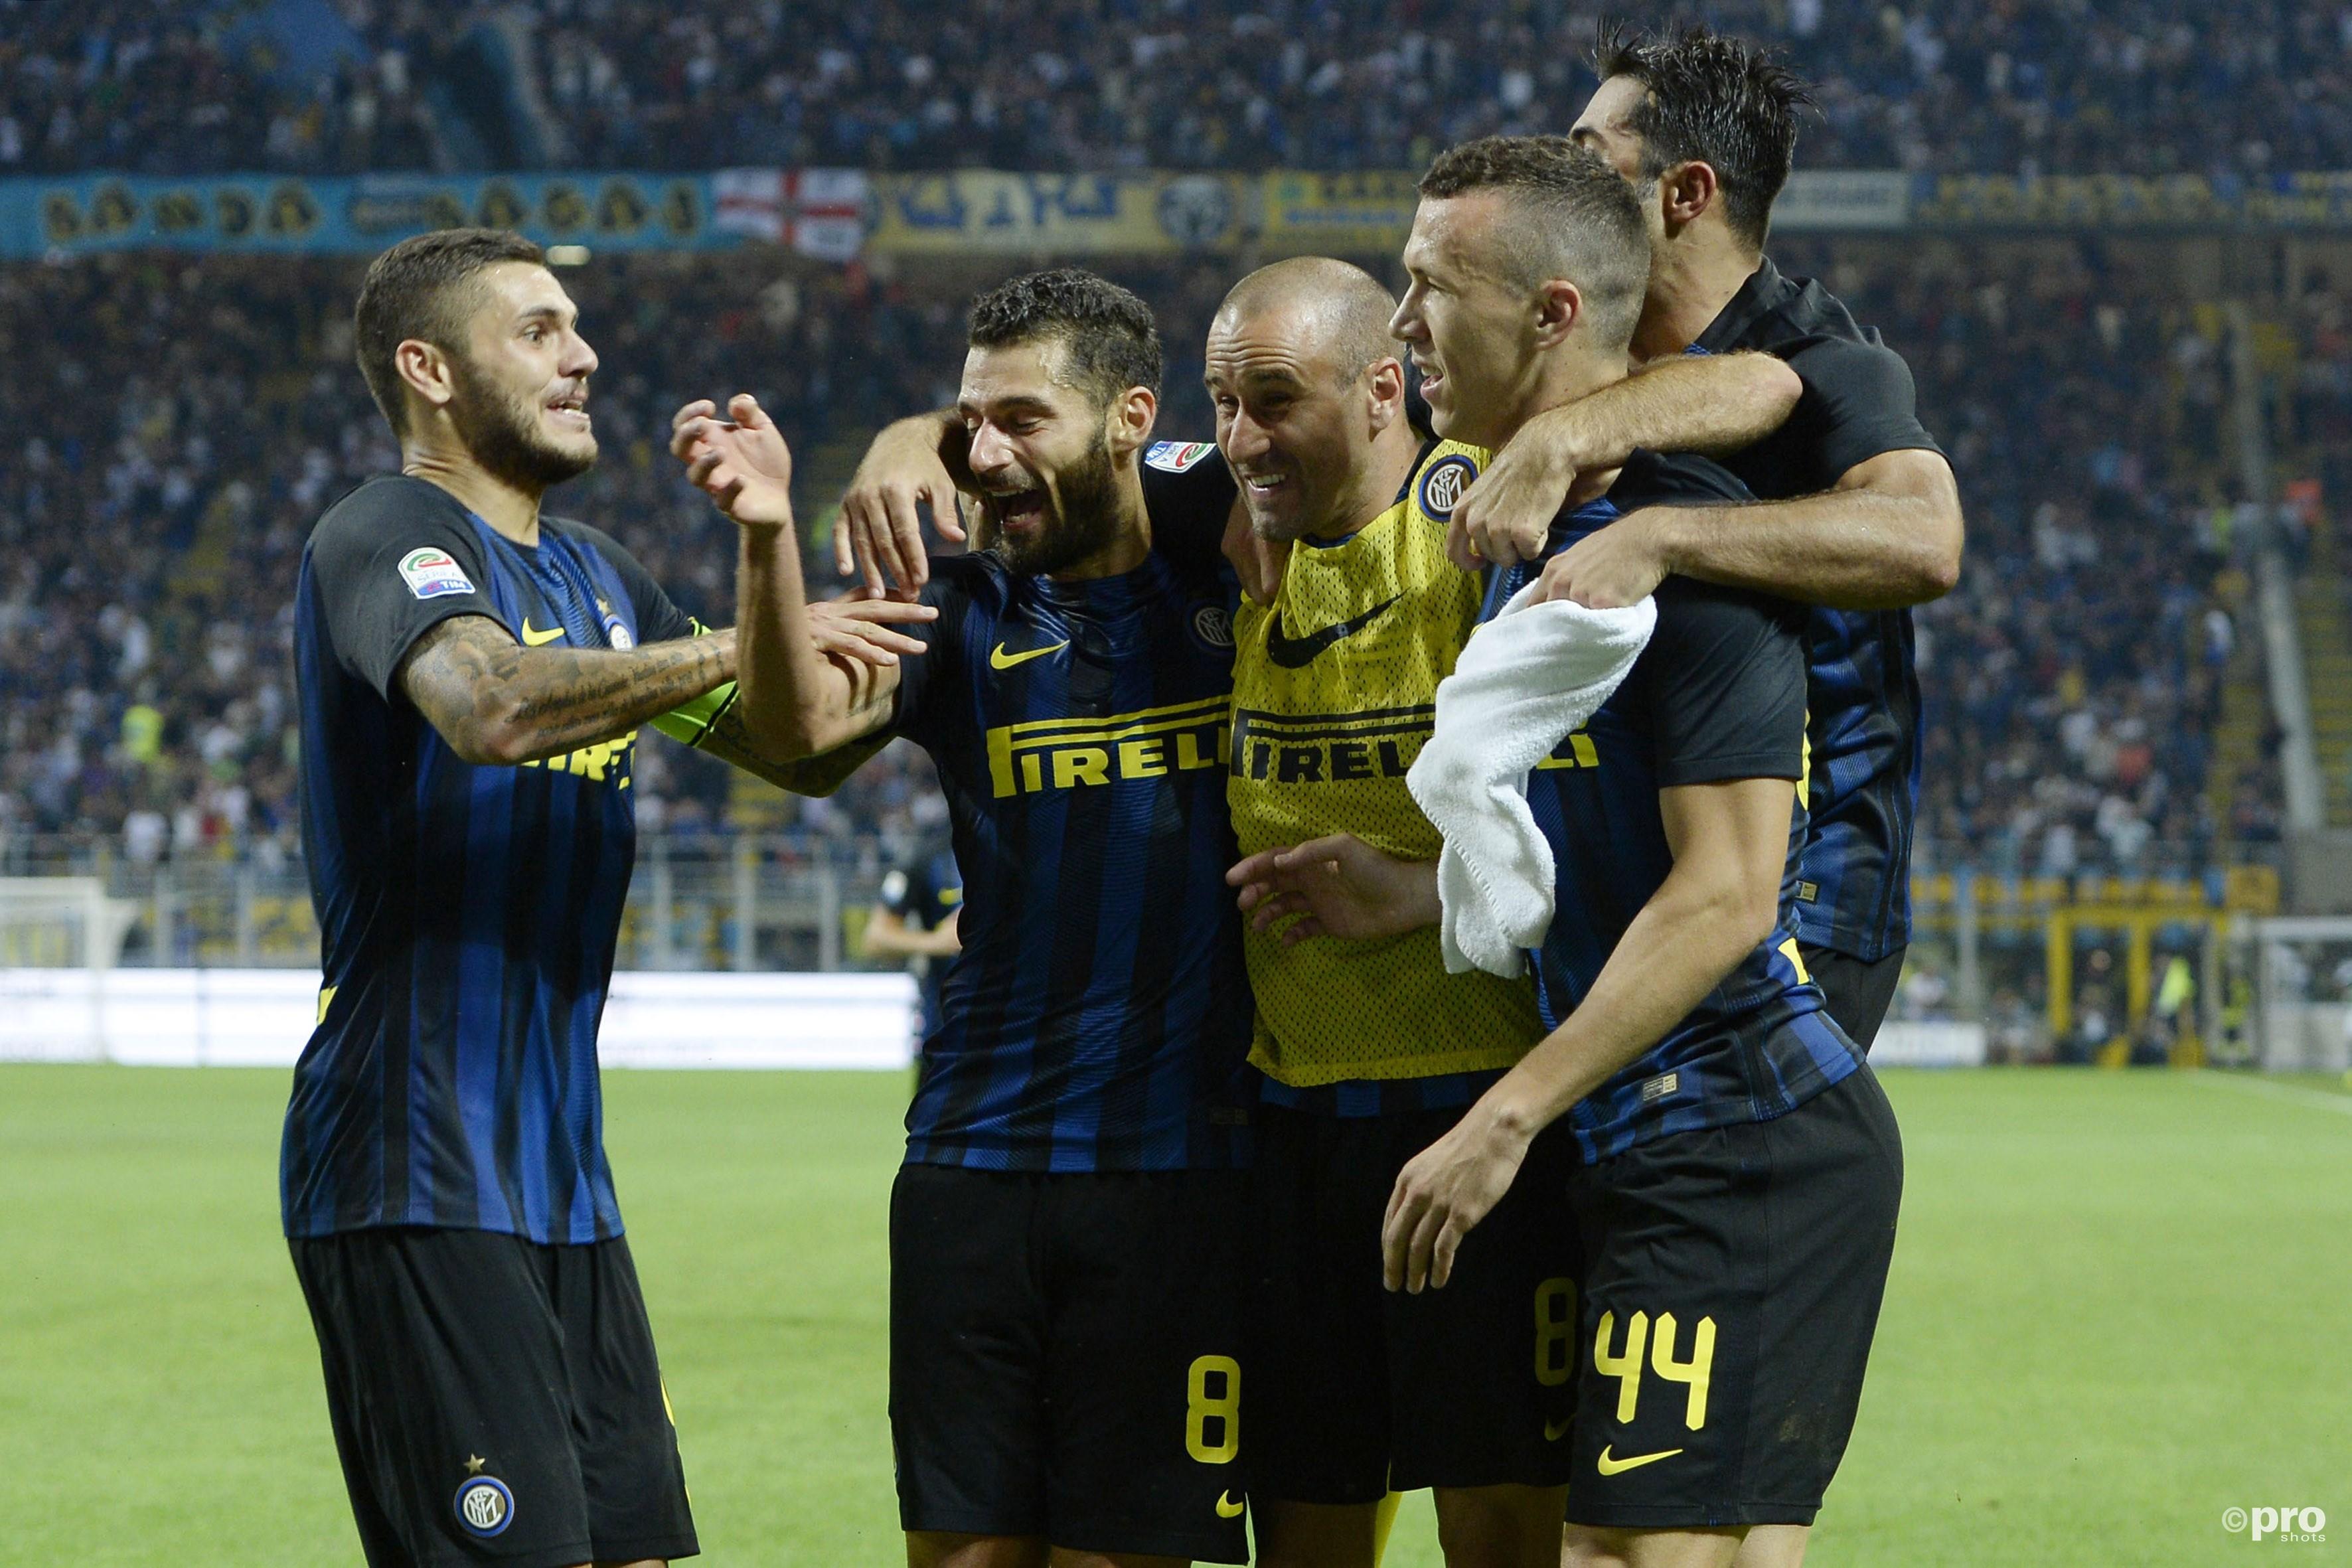 Inter feest het feest van Icardi. (PRO SHOTS/Insidefoto)